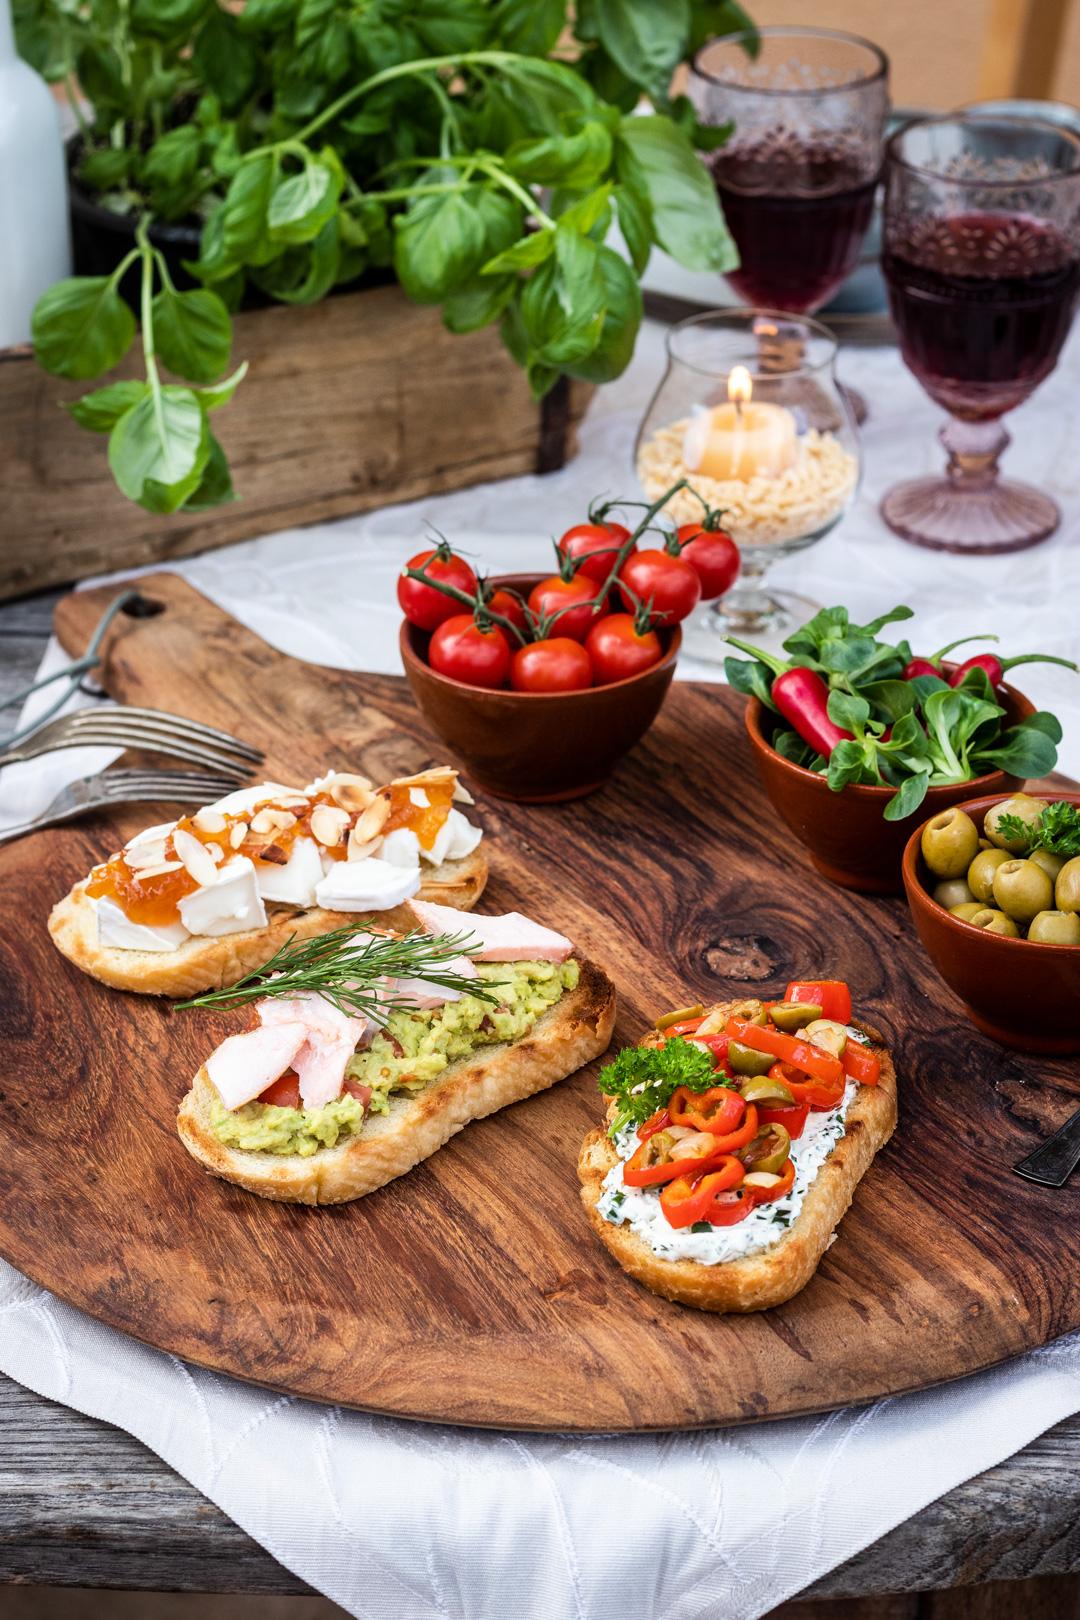 Italienische Rezepte: Antipasti selber machen mit Italienischem Bio Landbrot und Italienischen Bio Wraps von Mestemacher